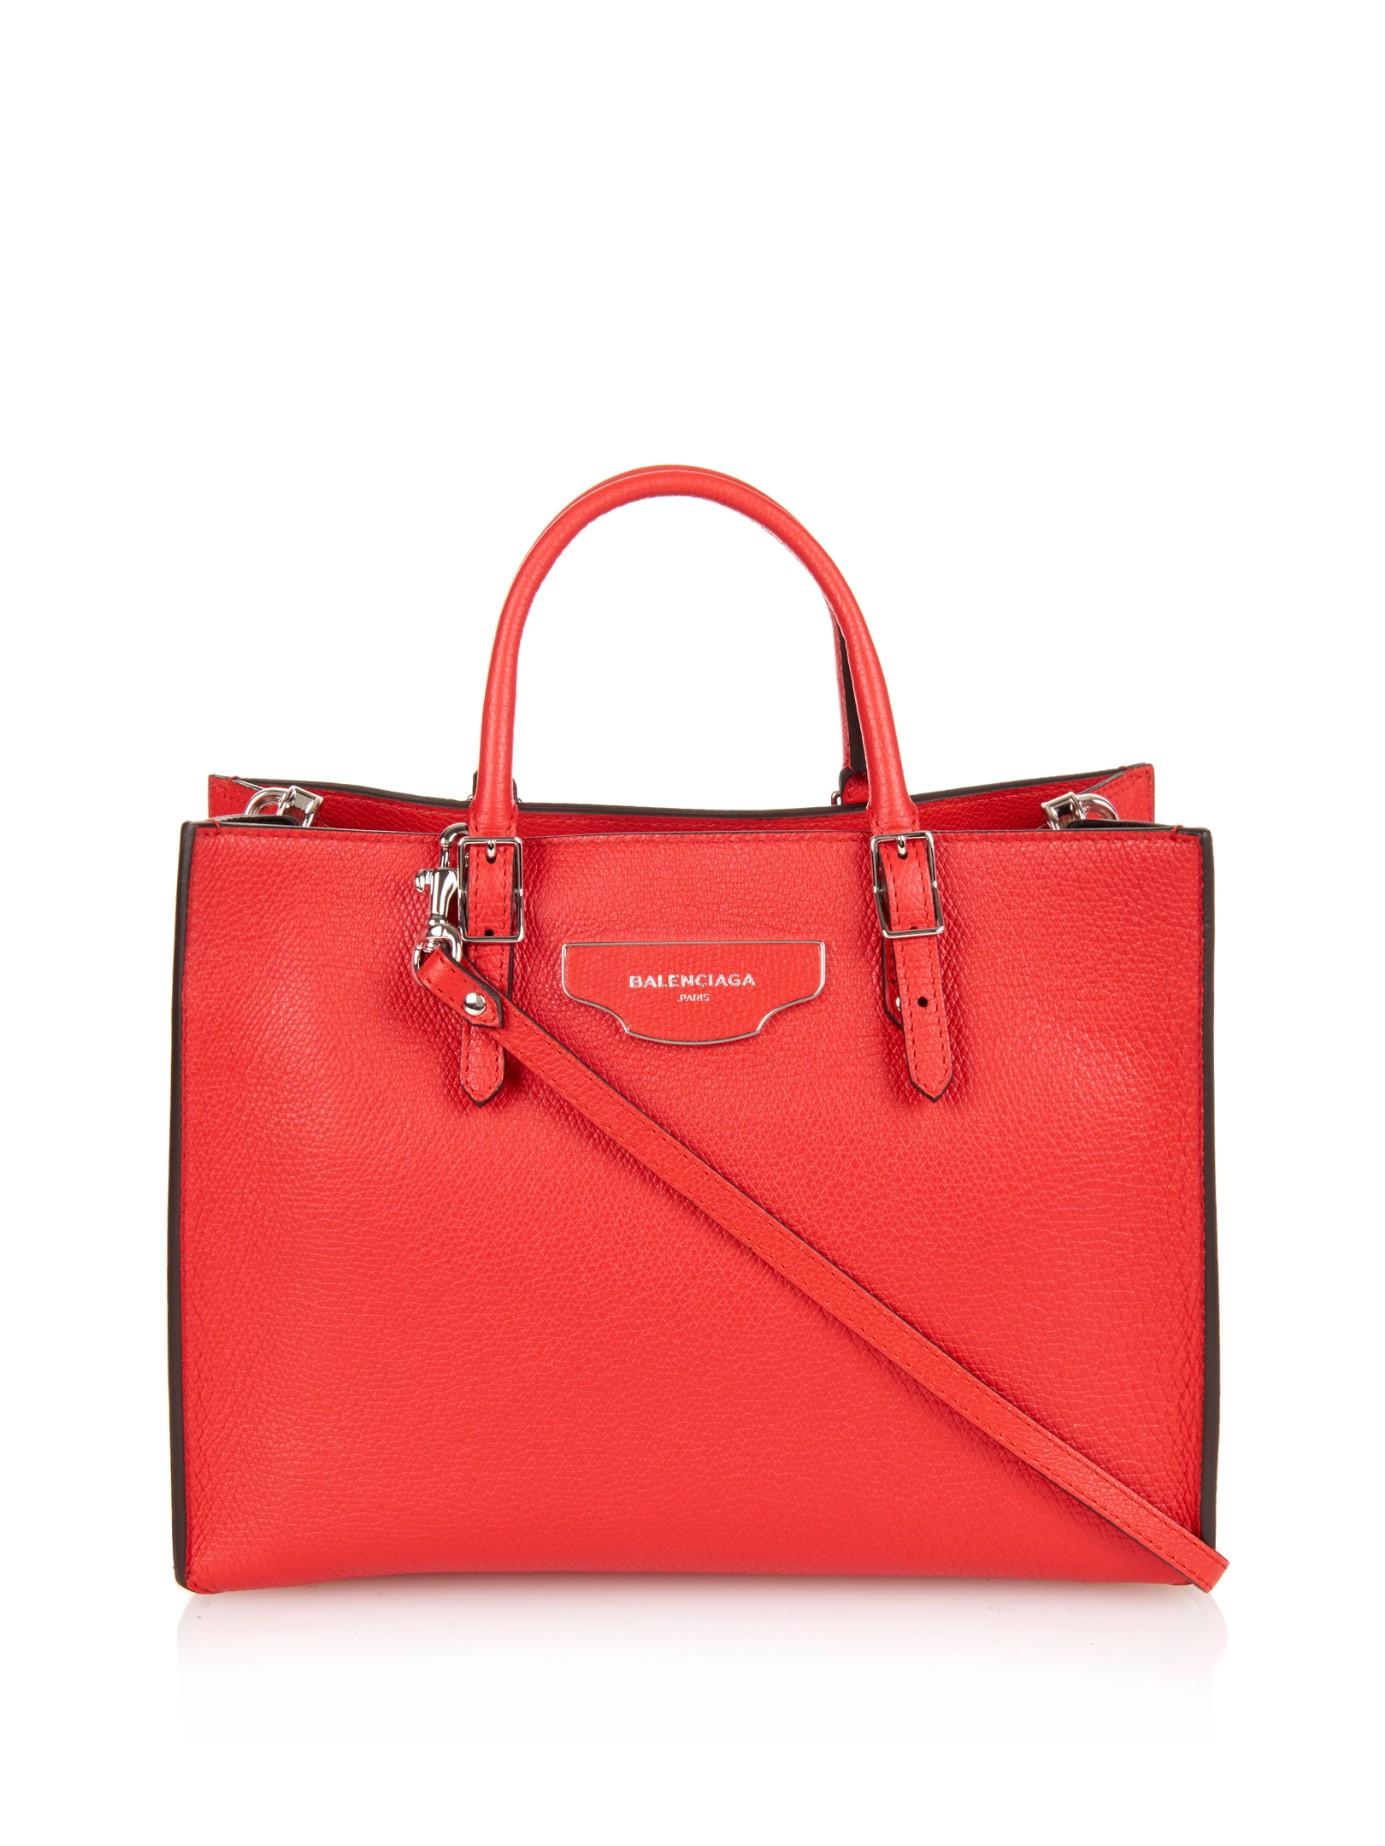 clhoe bags - balenciaga saddle bag, buy balenciaga bag online